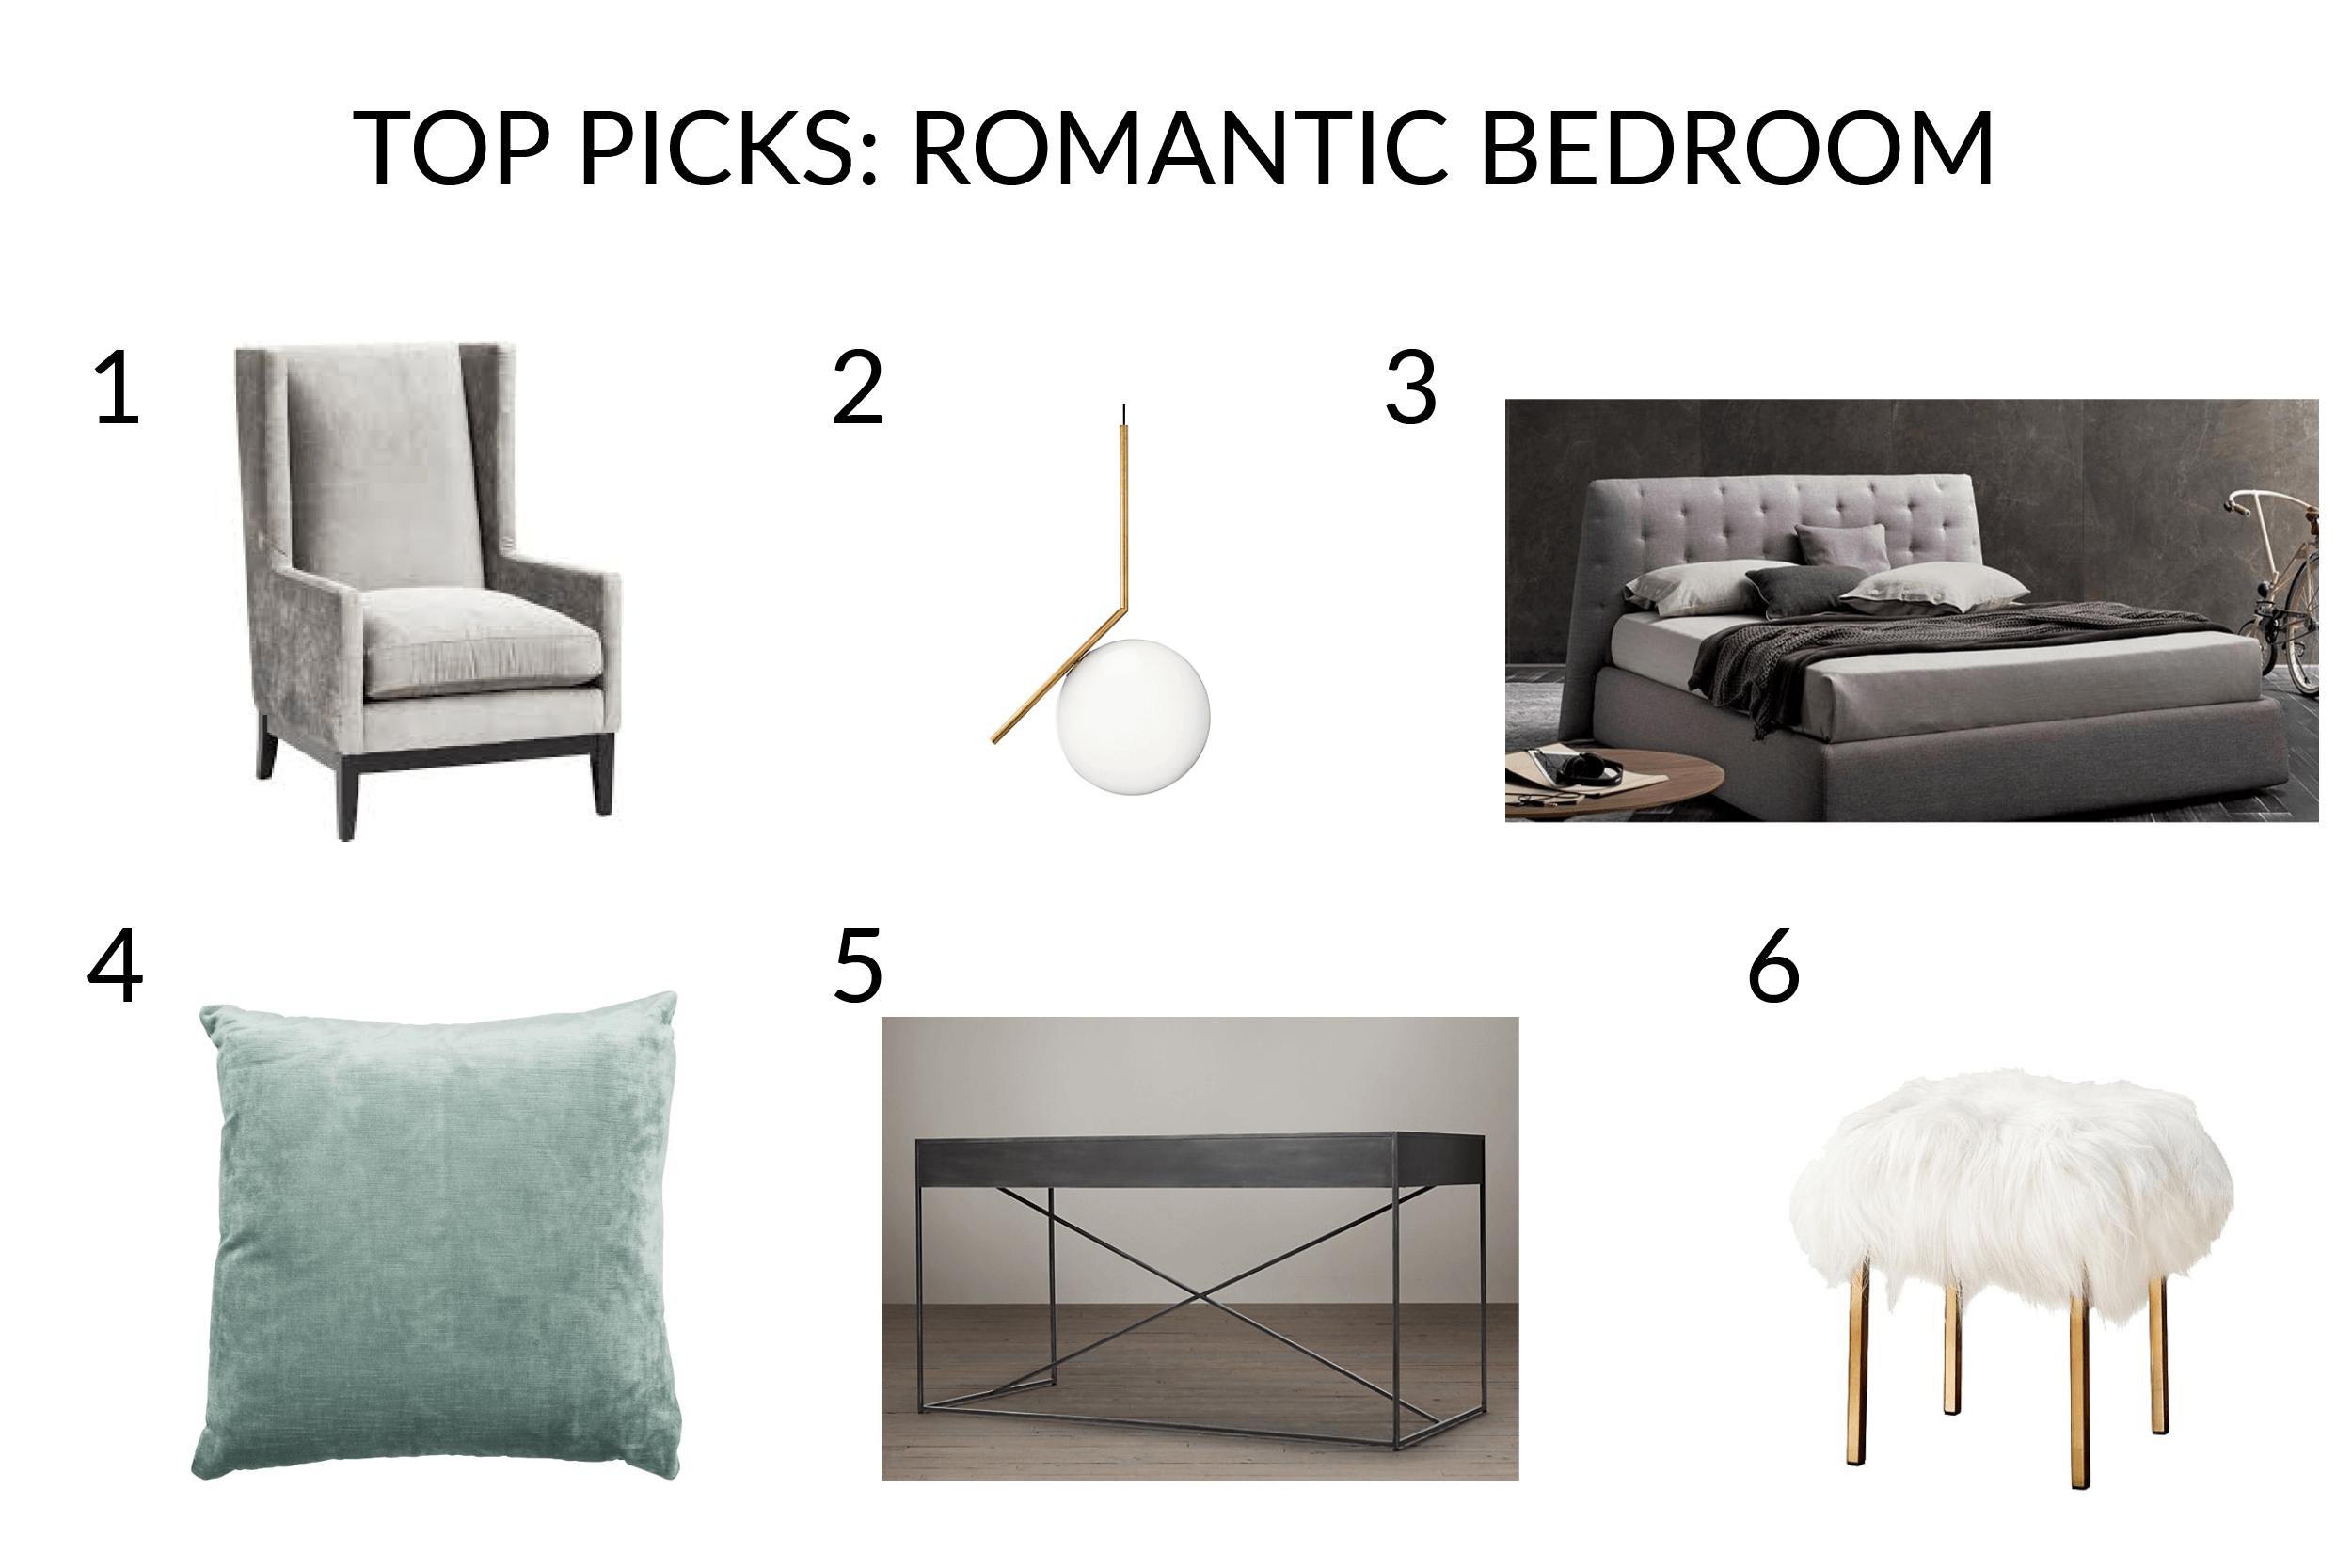 romantic bedroom online design by Decorilla designer Miaden C. - get the look